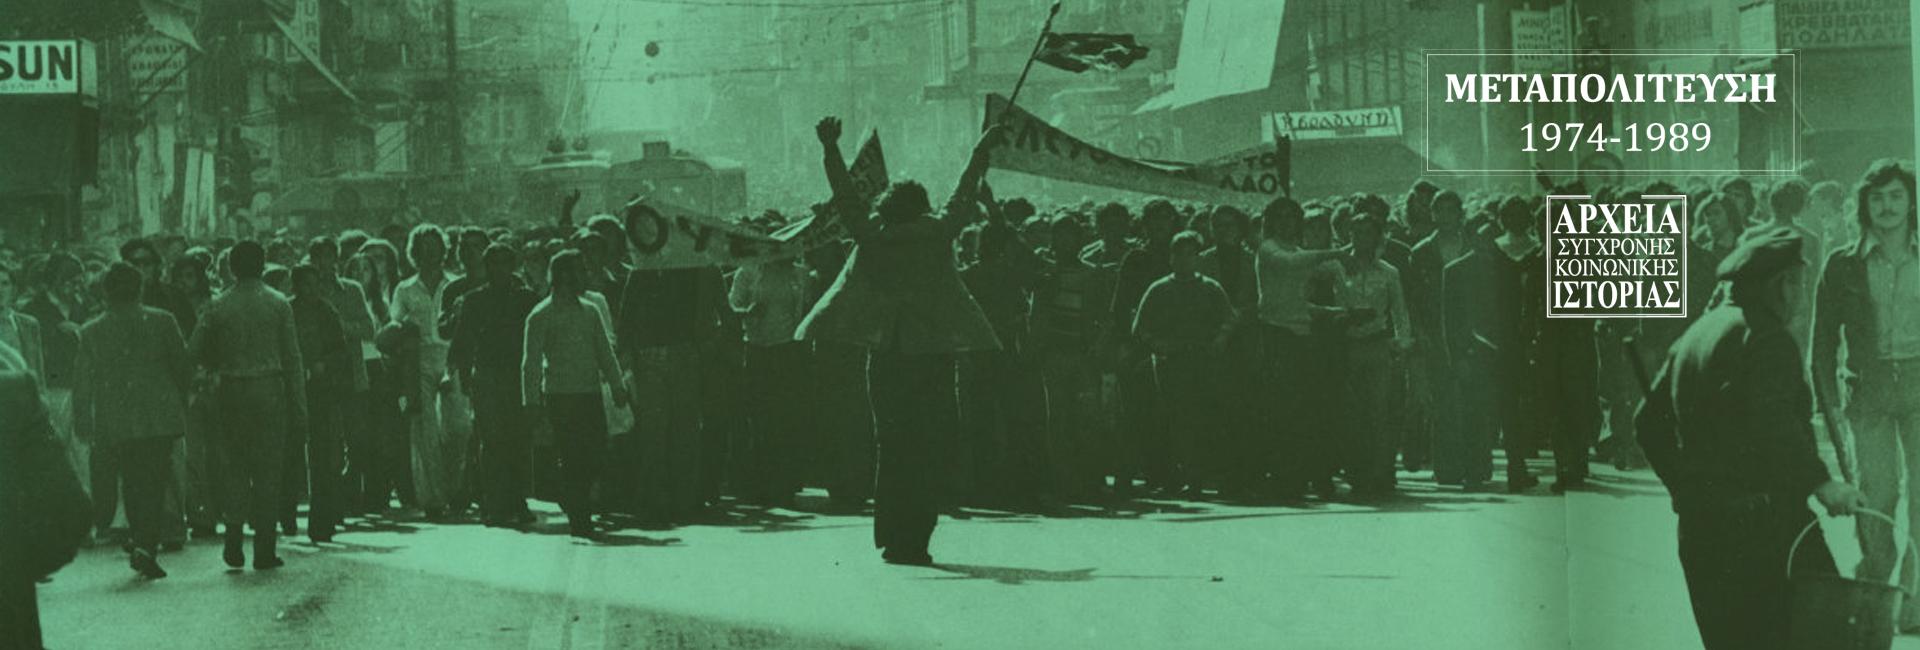 Αποτέλεσμα εικόνας για Μεταπολίτευση: 1974-1989